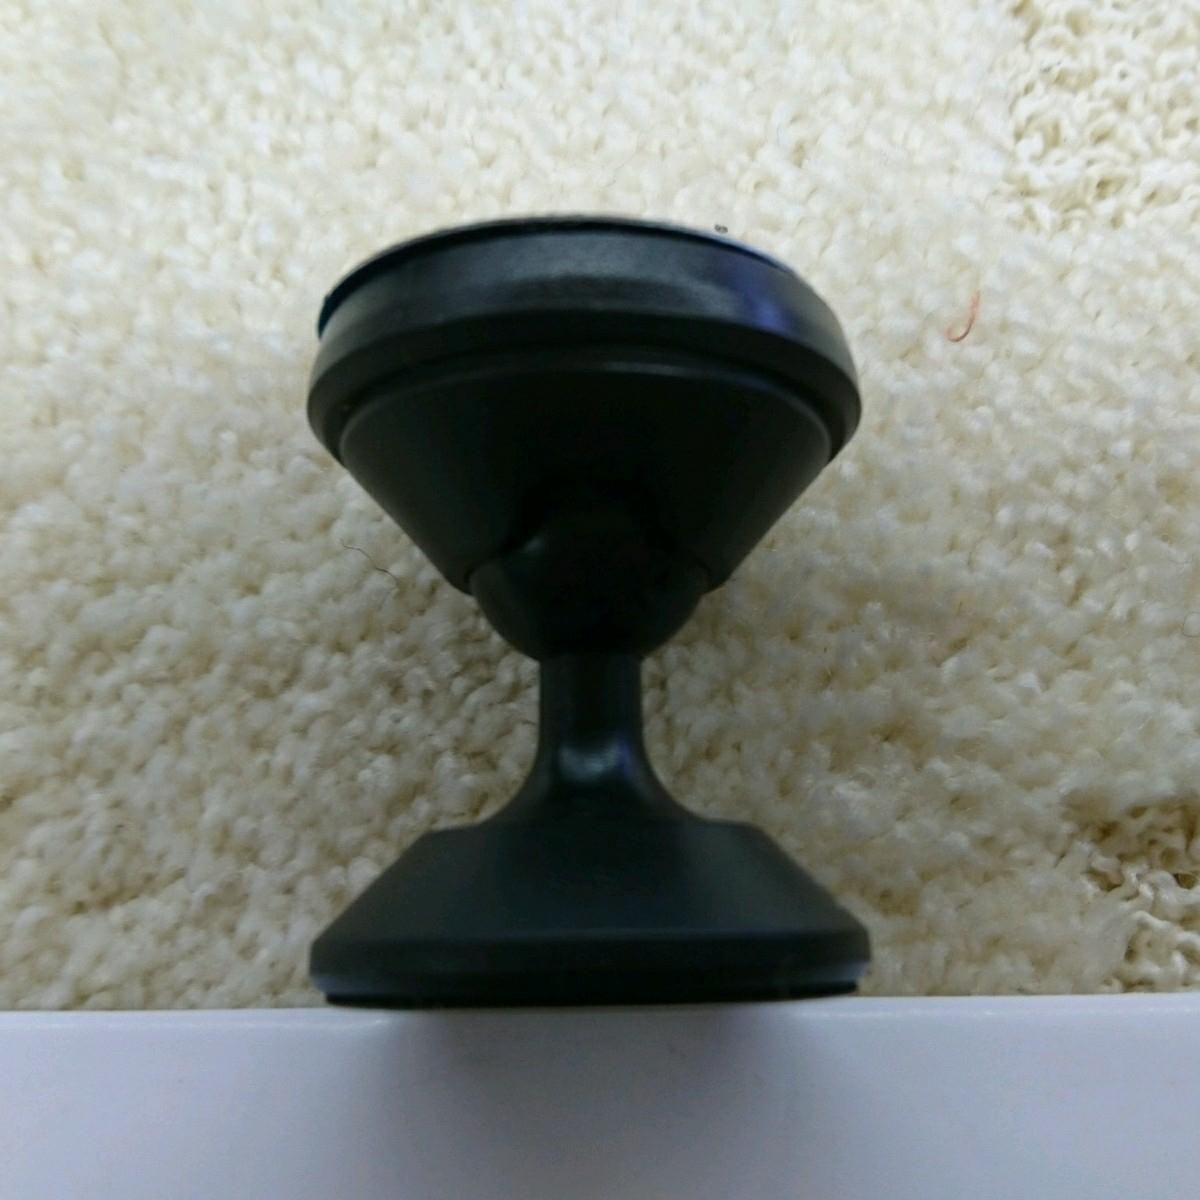 ☆極美品☆ 超小型カメラ 150°広角 1080P高画質 WiFi 動体検知 暗視撮影 遠隔監視 防犯 会議の記録 赤ちゃんやペットの監視等に_画像6